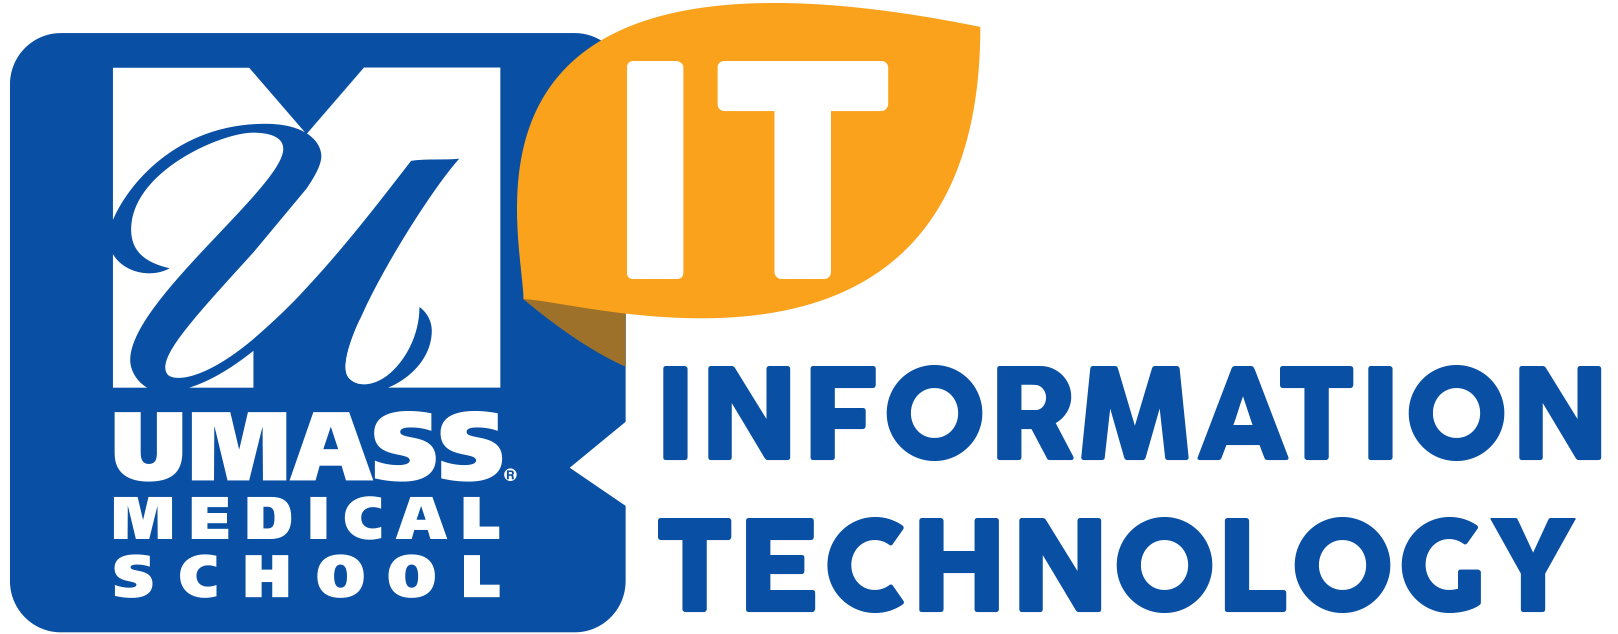 3986e88062d9 UMass Medical School - Information Technology Department – Logos